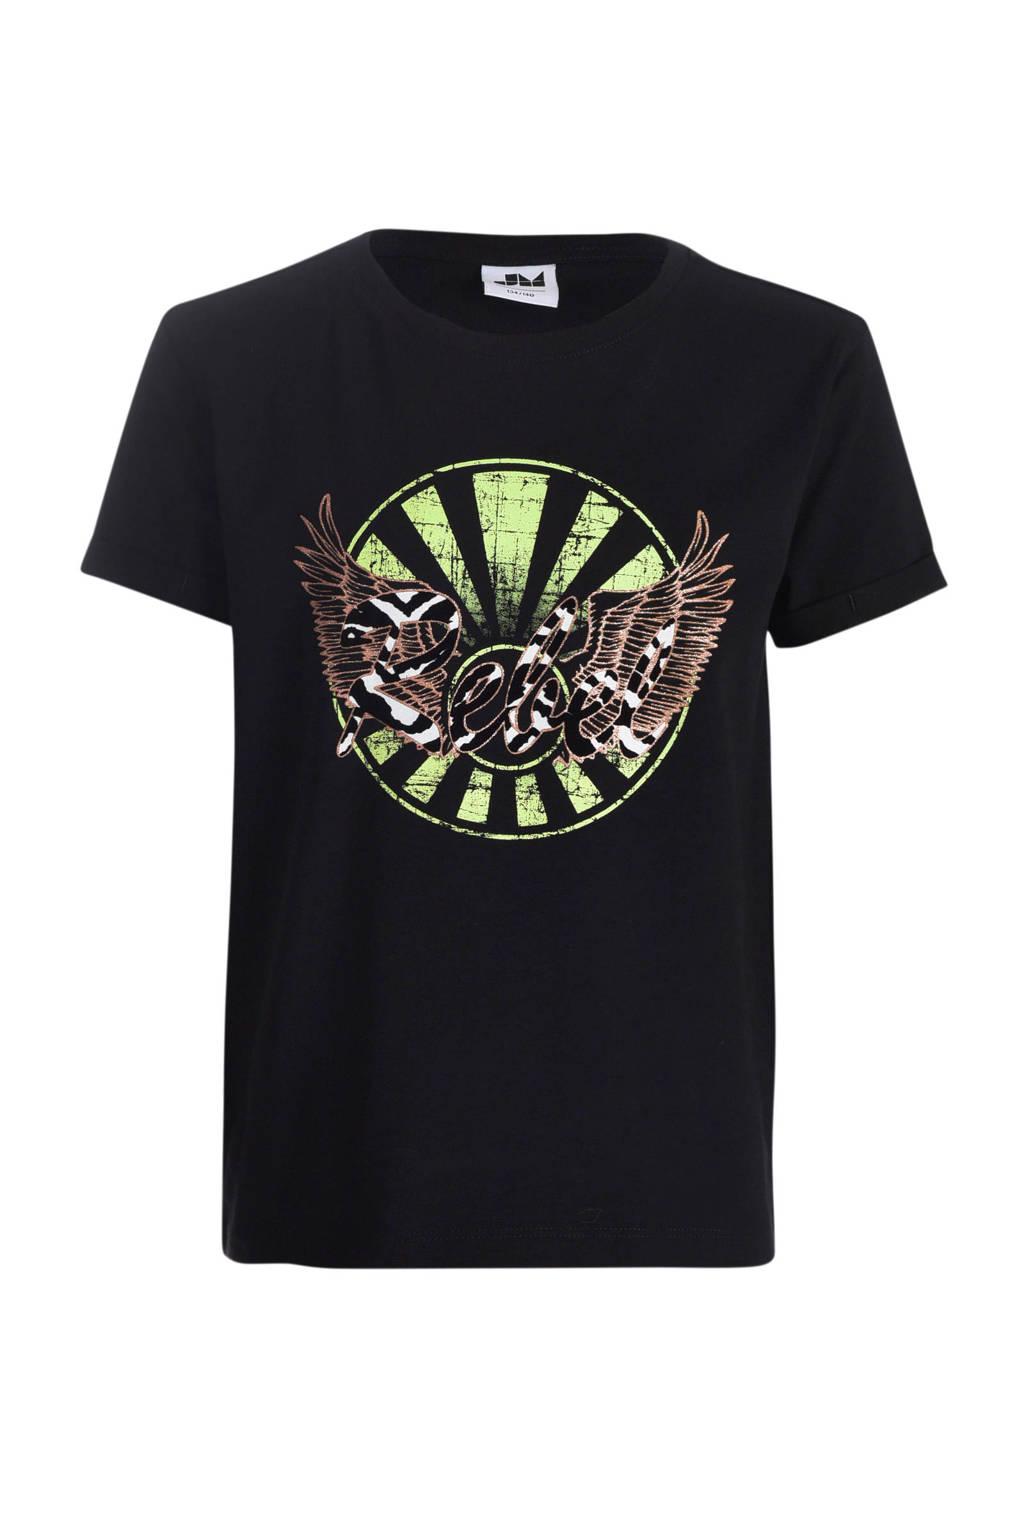 Jill T-shirt Tirsa met printopdruk zwart, Zwart